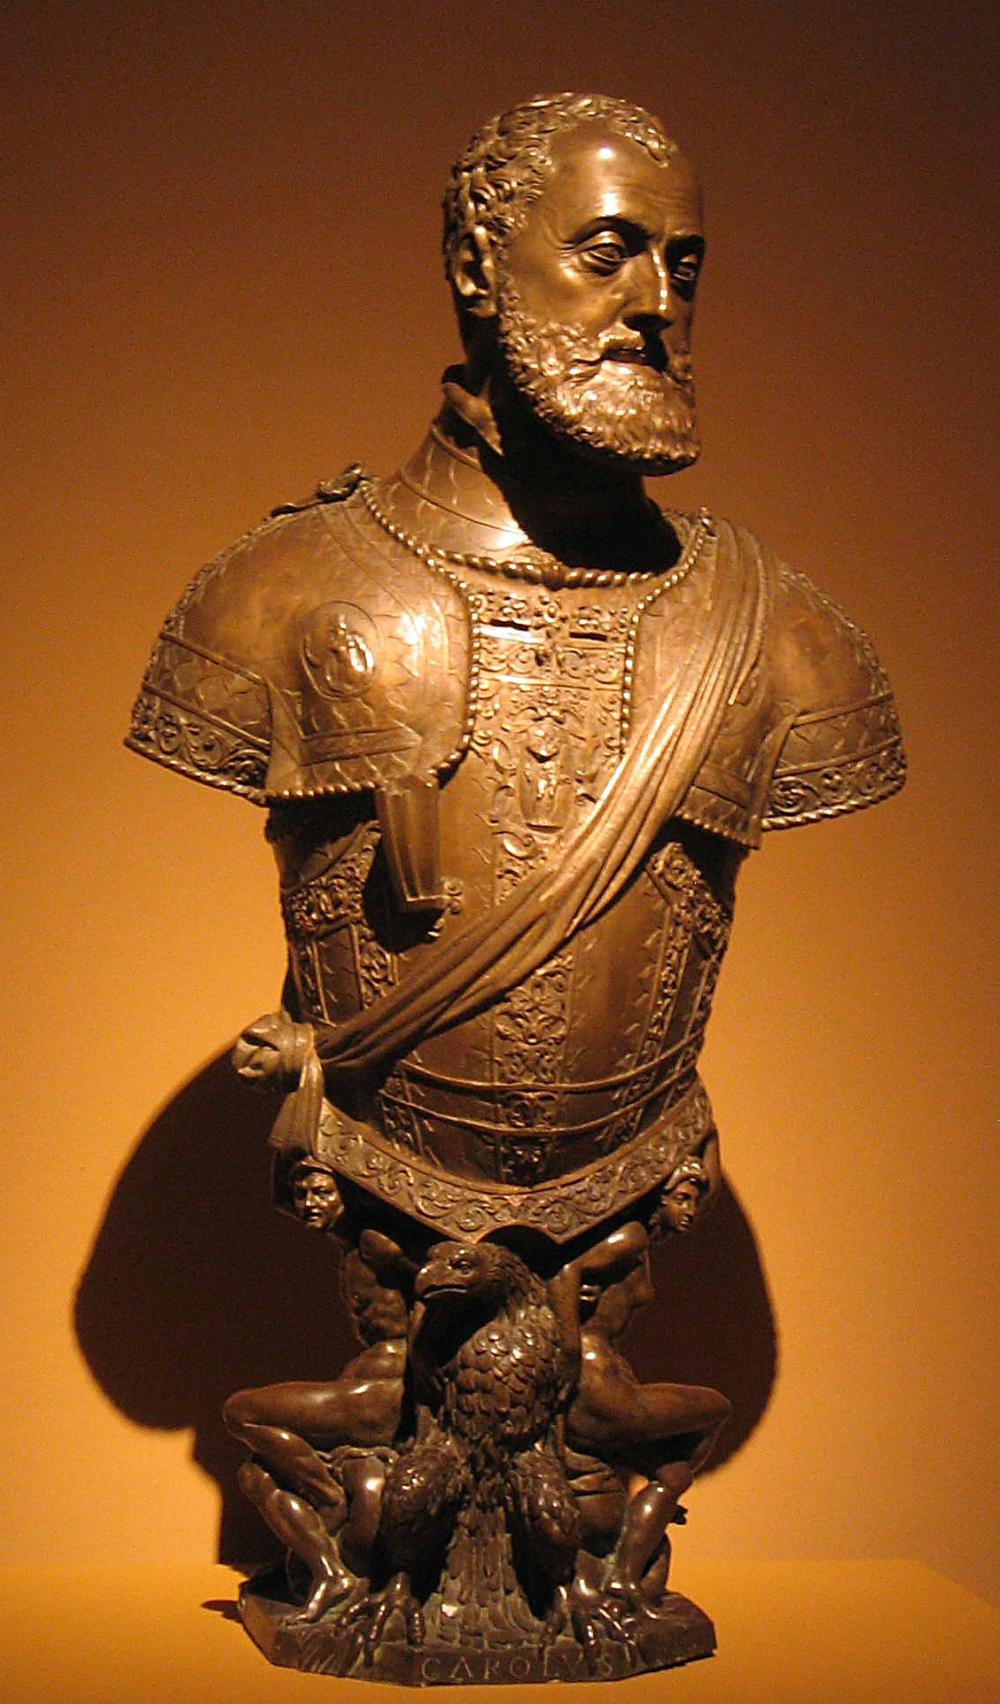 Leone y Pompeo Leoni. Busto de Carlos V. 1553. Museo del Prado. Madrid.